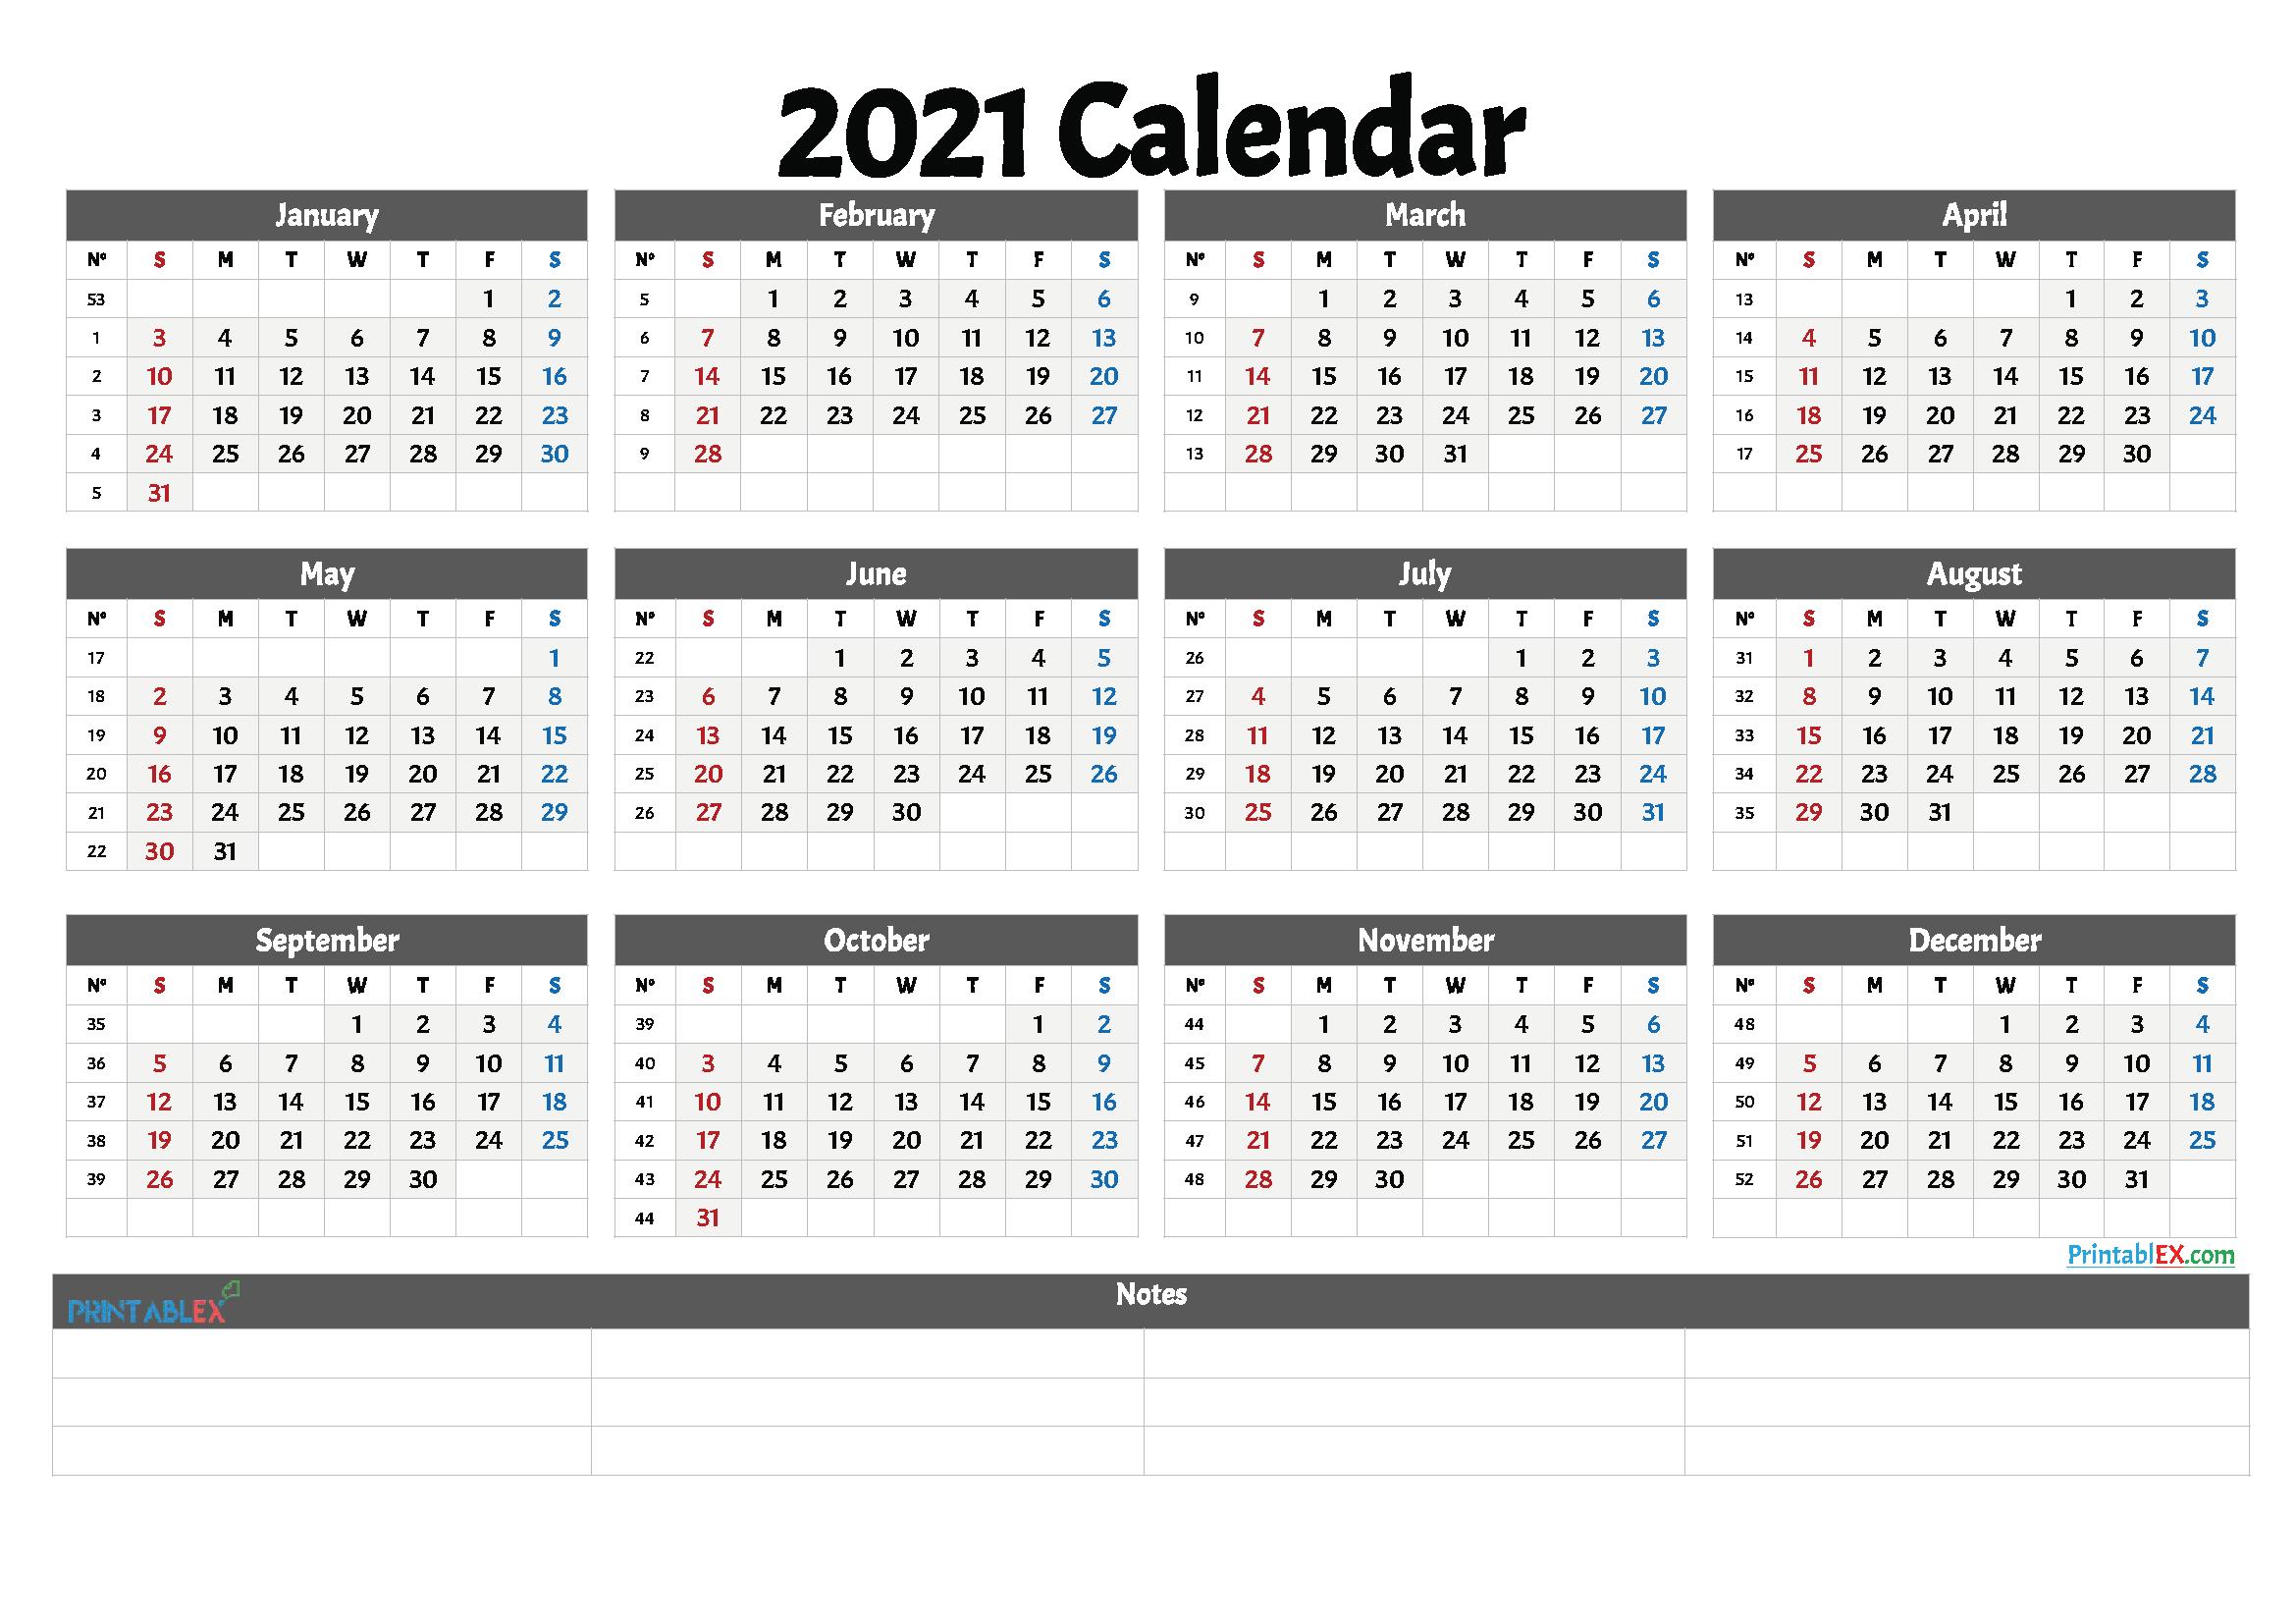 2021 Printable Calendar With Week Numbers   Free Printable Within 2021 Calendar With Federal Printabl